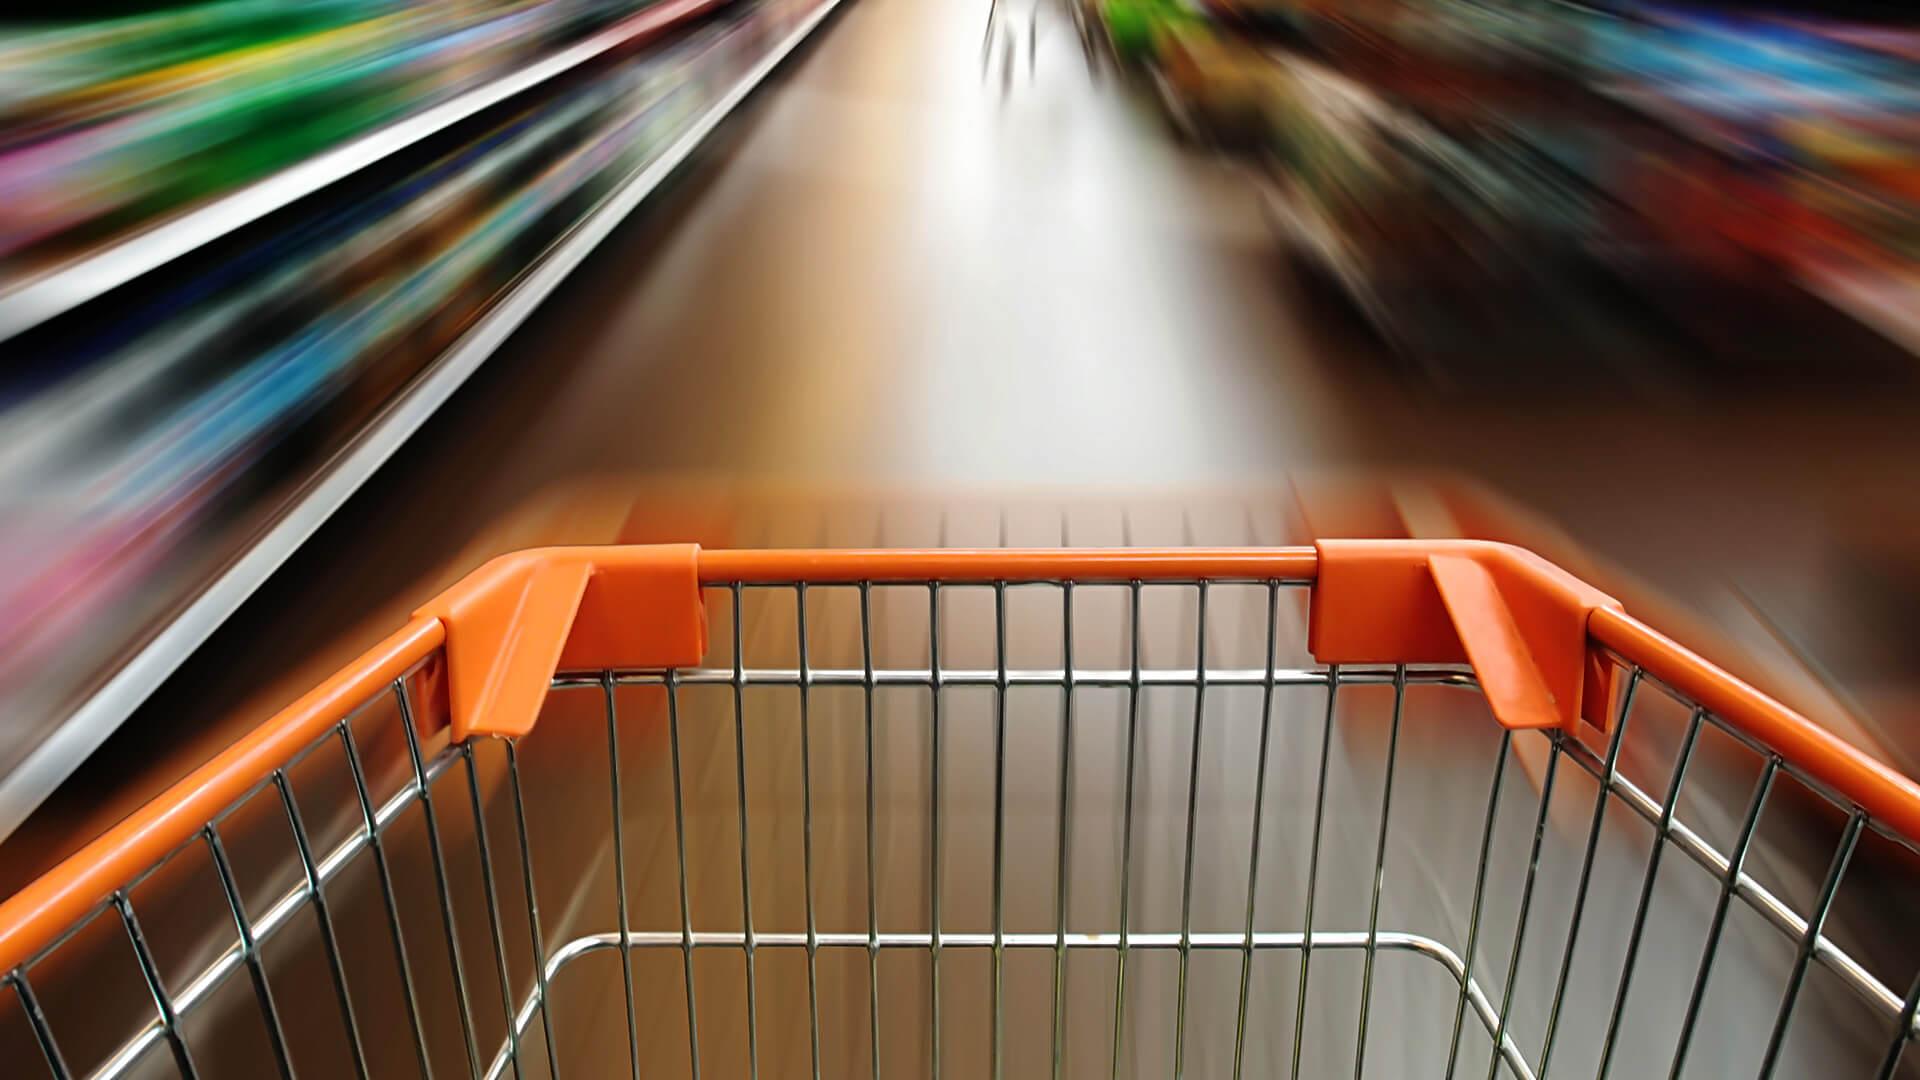 Uso de la búsqueda pagada para atraer clientes a la tienda